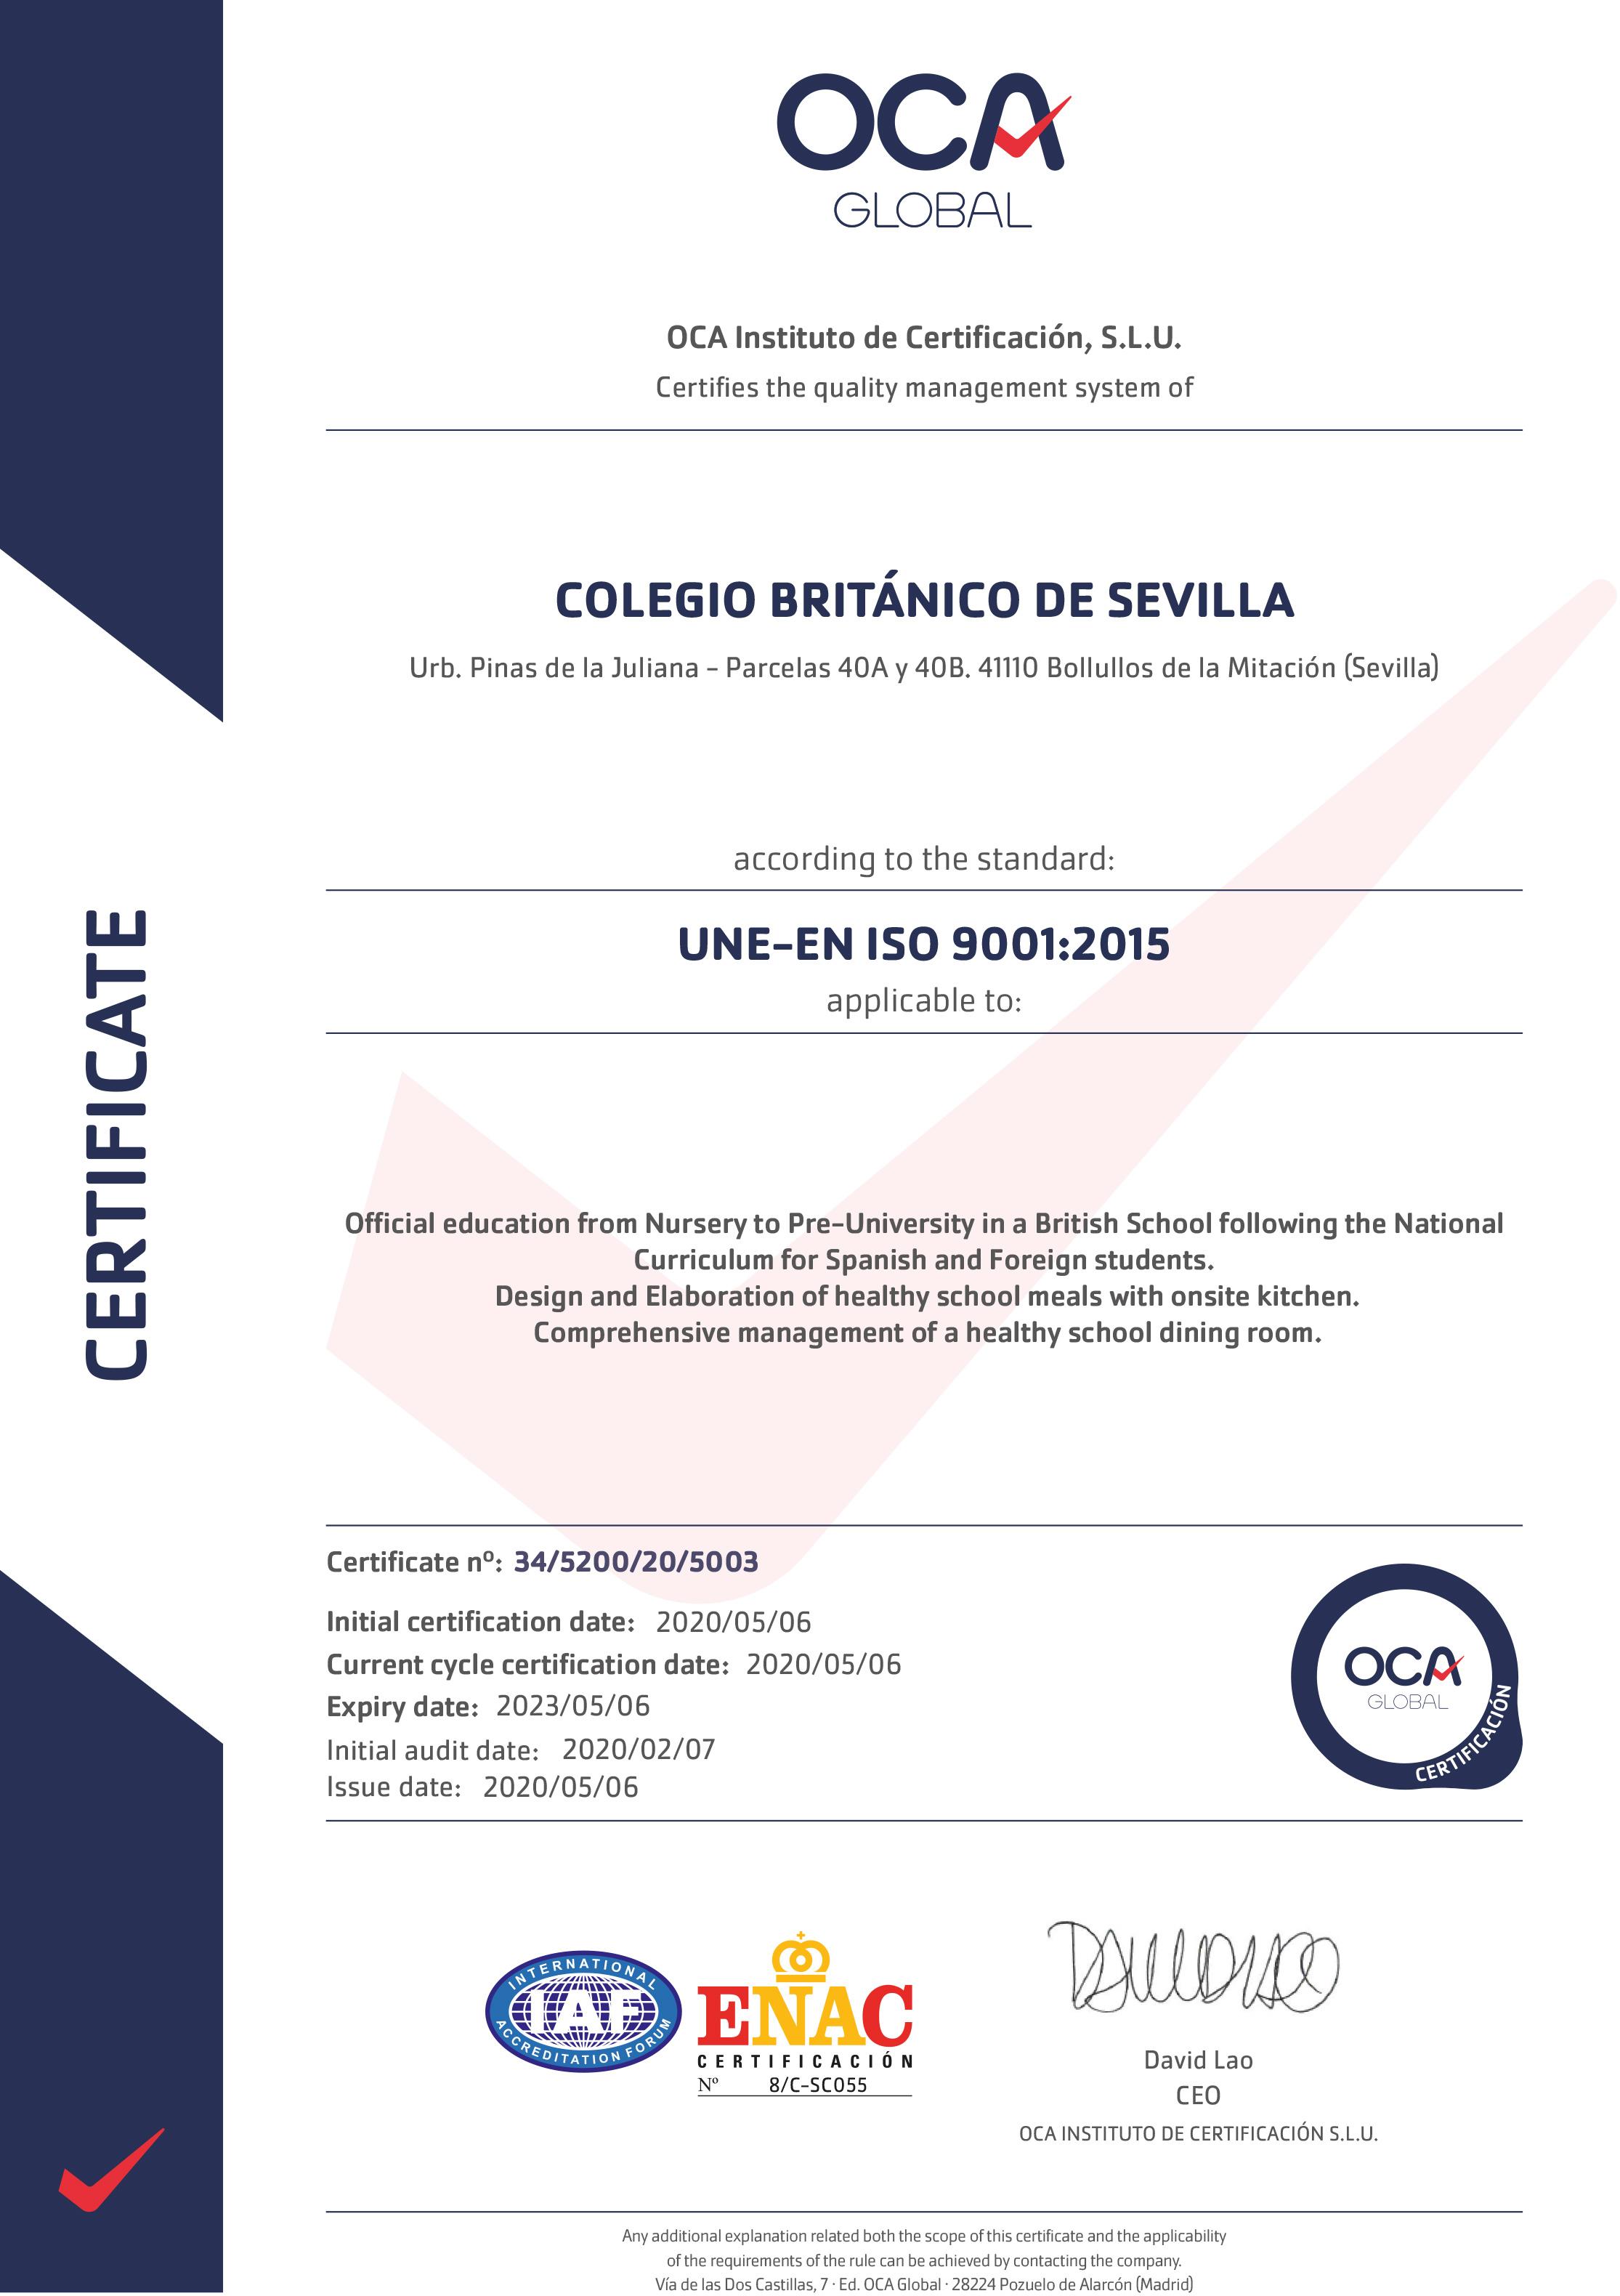 Certificado-OCA-Calidad-ISO-9001-Colegio_britanico_sevilla_ENG